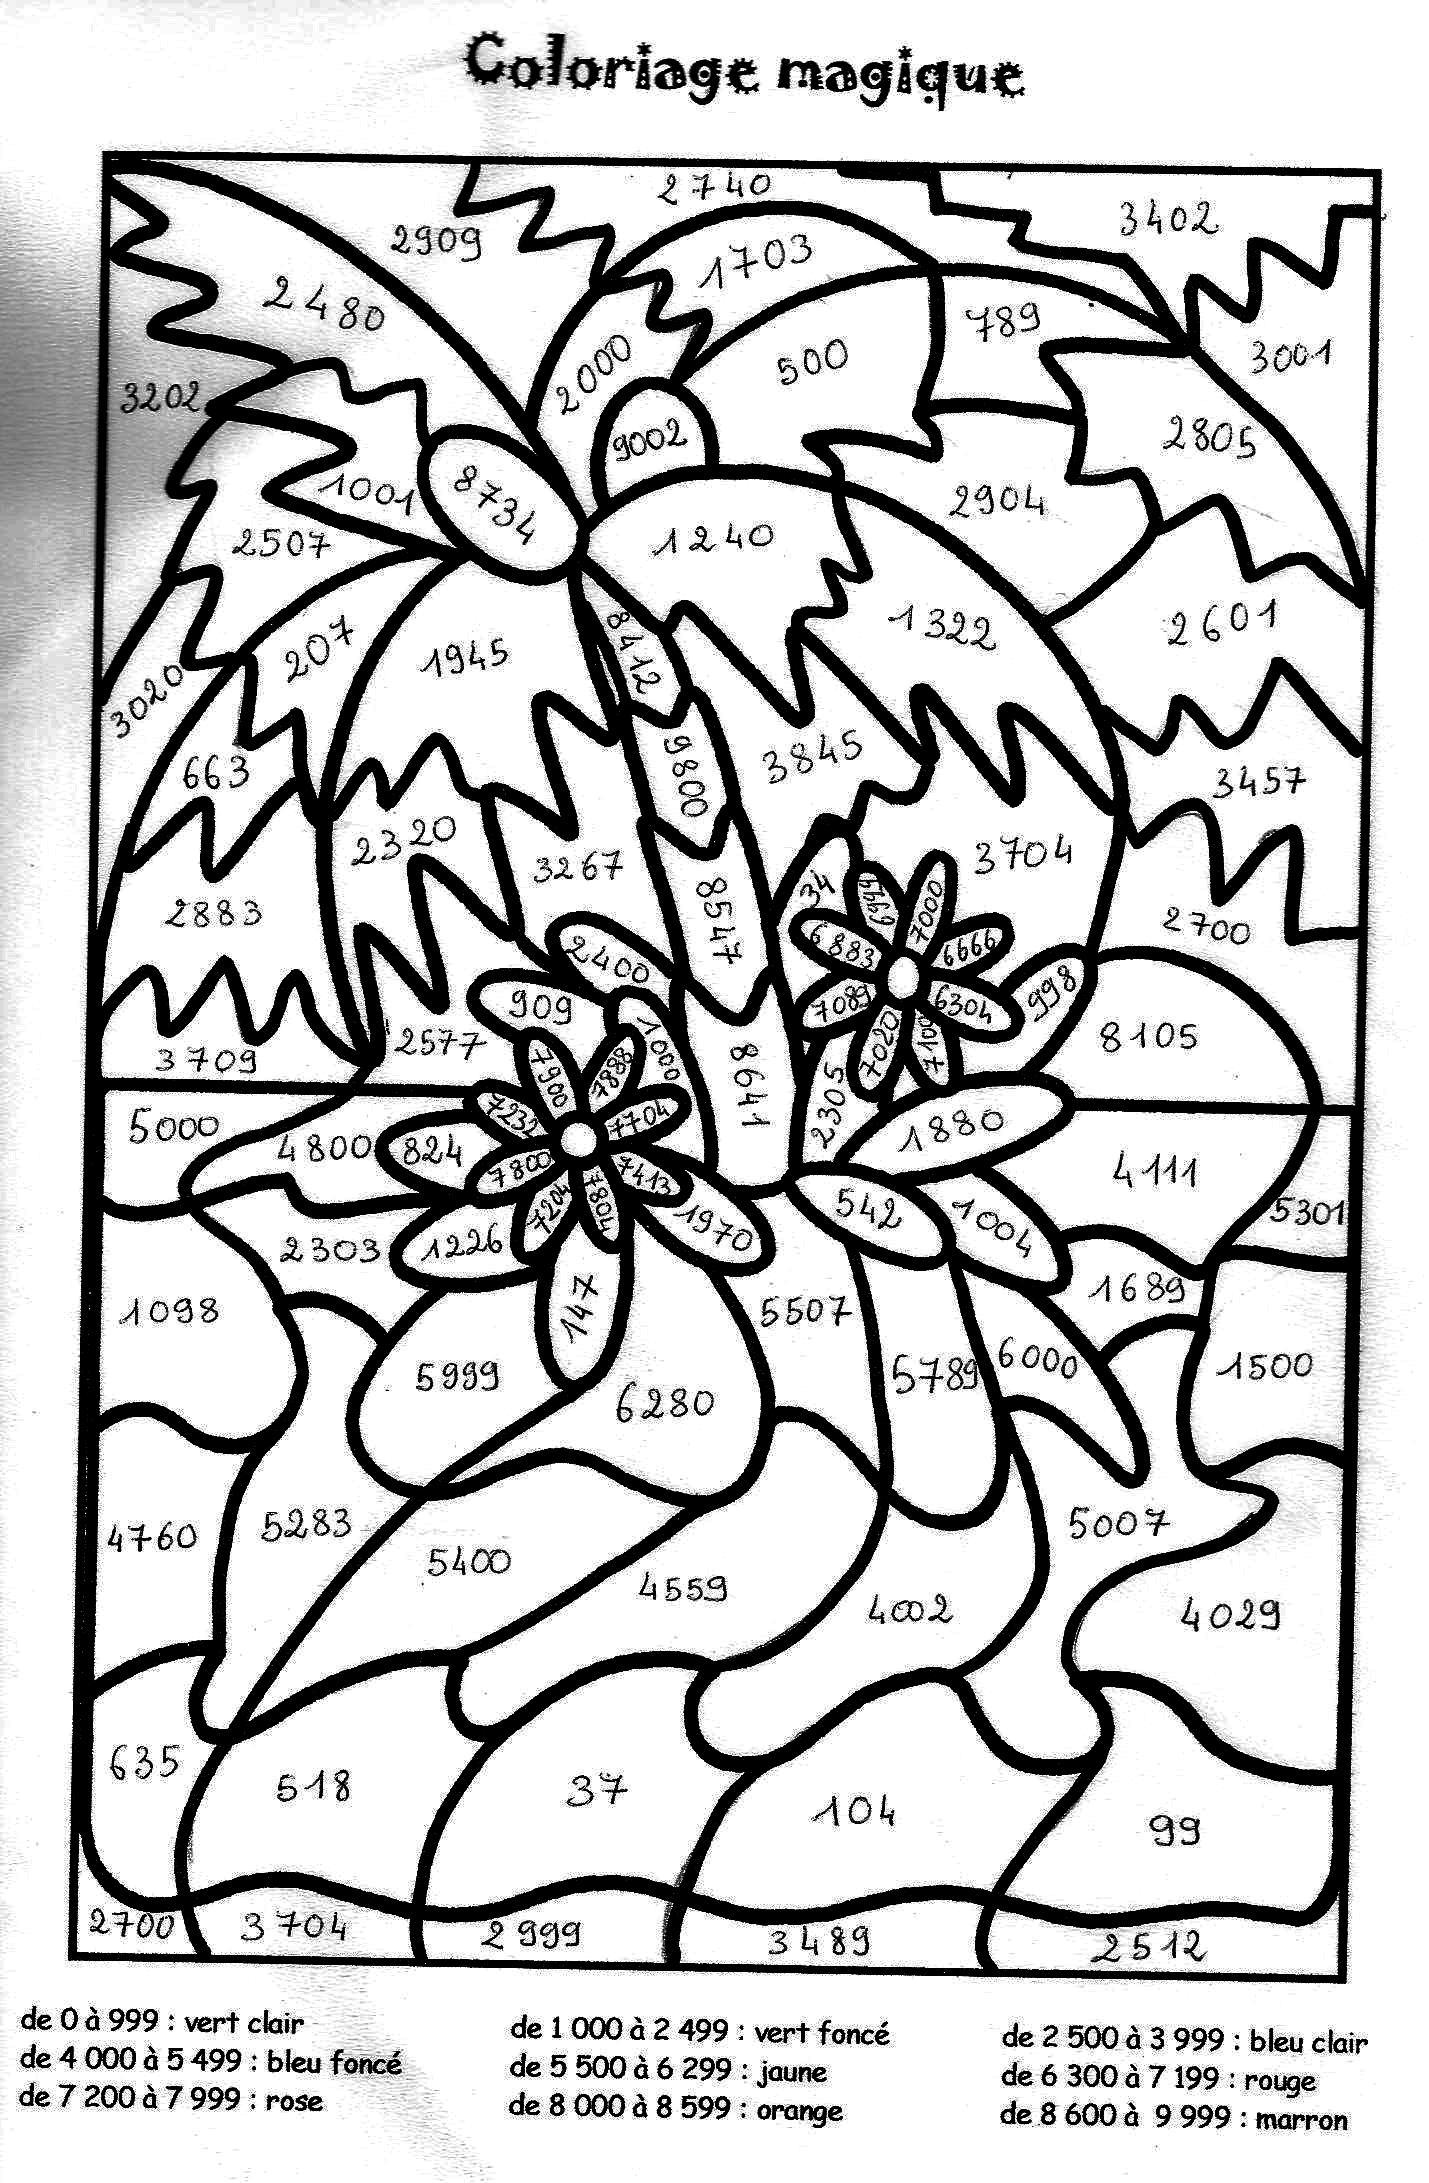 dessin à colorier magique ce1 phonemus